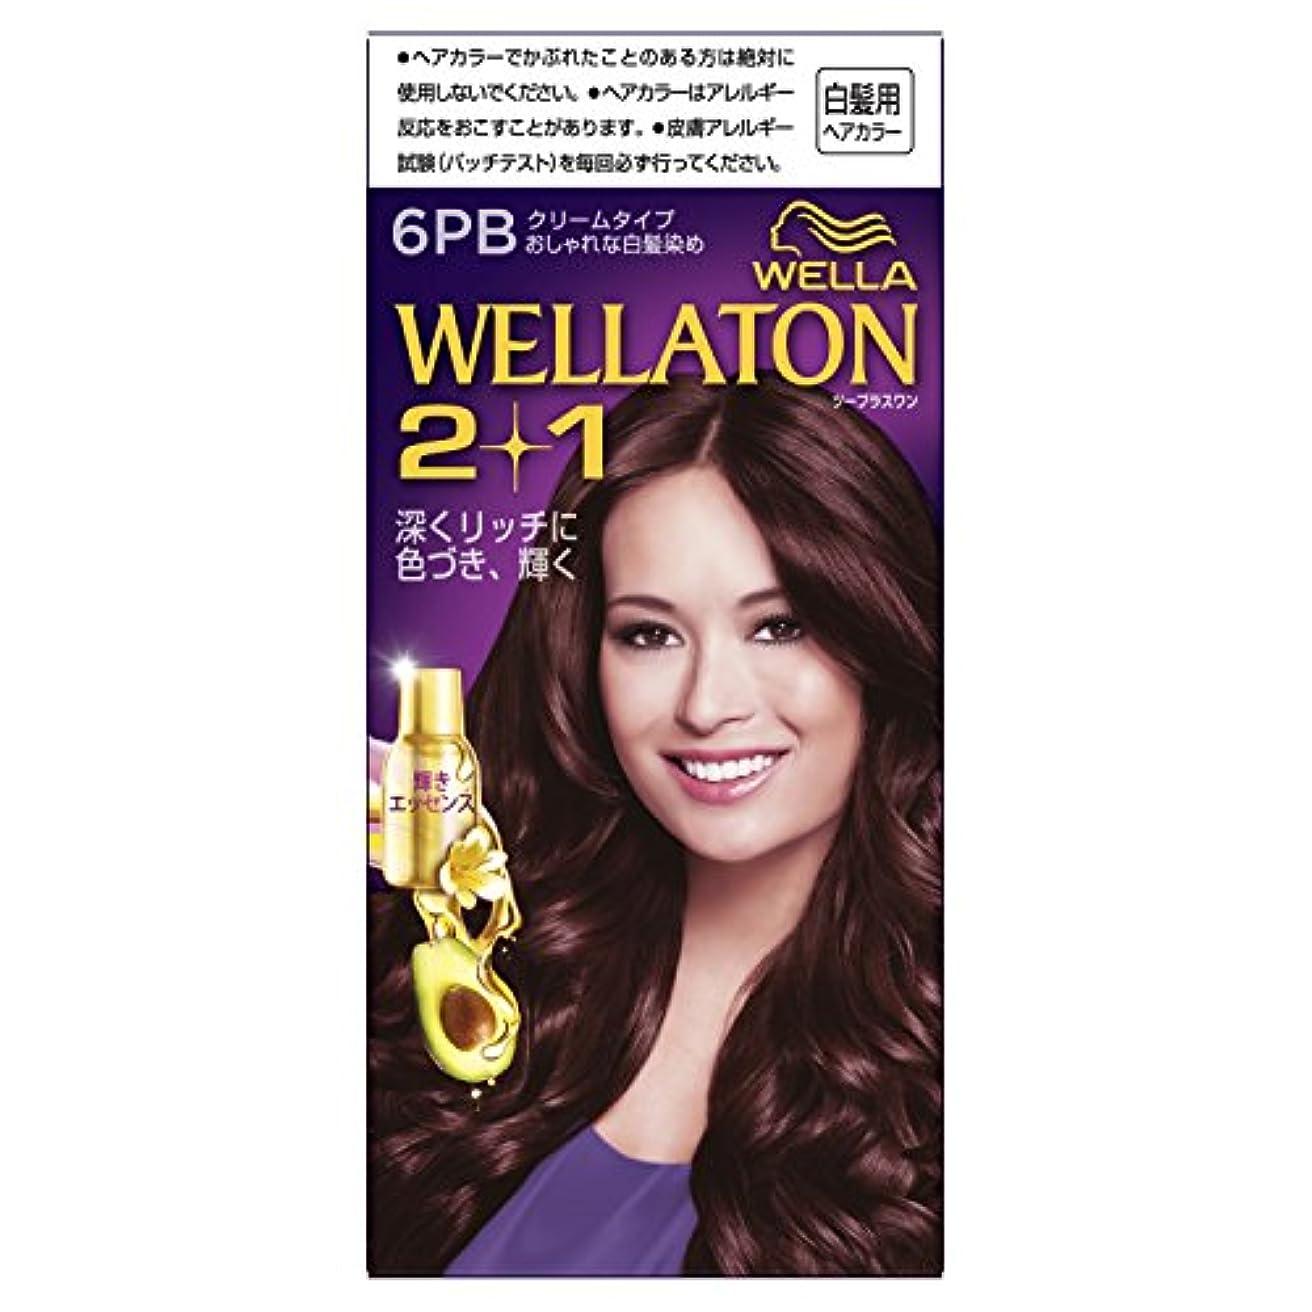 実際の転送神社ウエラトーン2+1 クリームタイプ 6PB [医薬部外品](おしゃれな白髪染め)